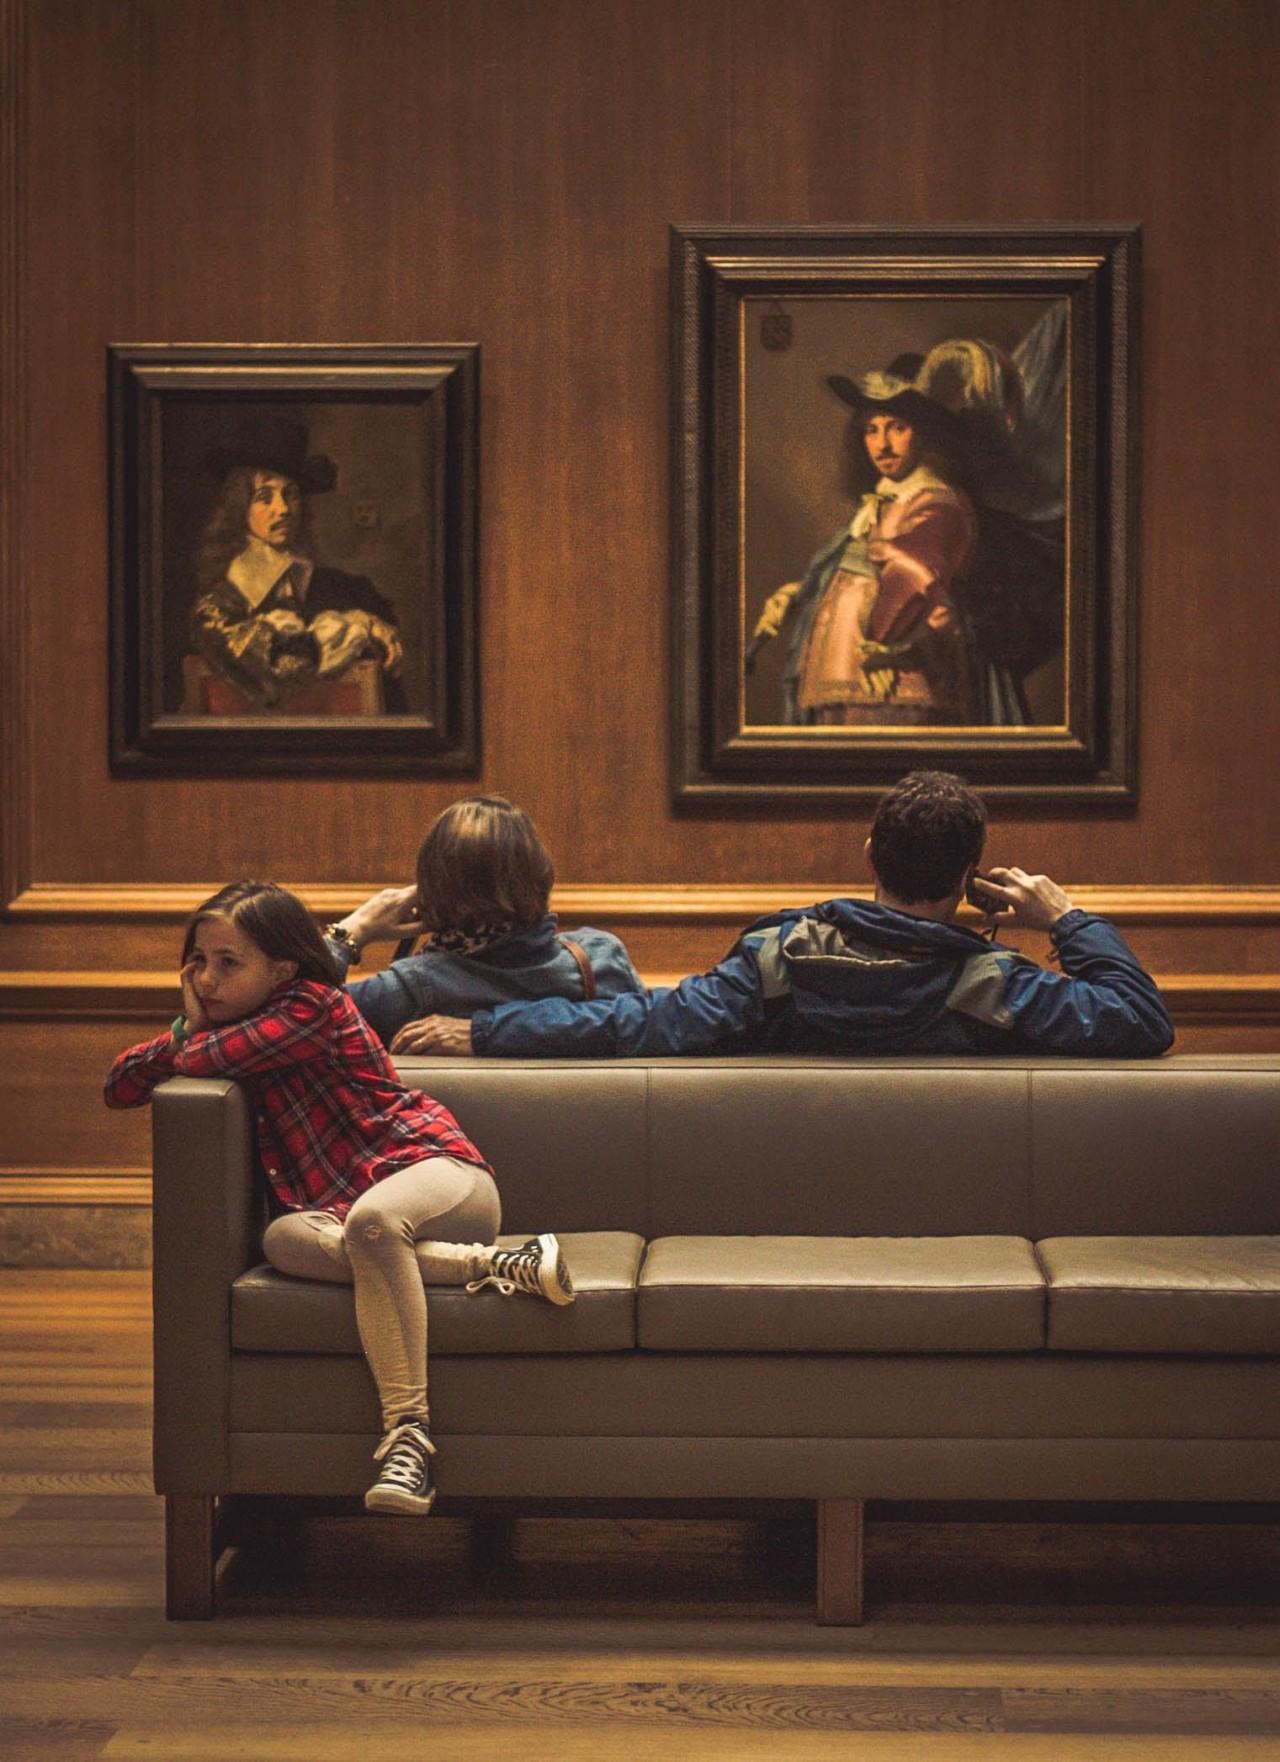 Досуг с родителями в Национальной галерее искусства в Вашингтоне. Фотограф Mate De Café